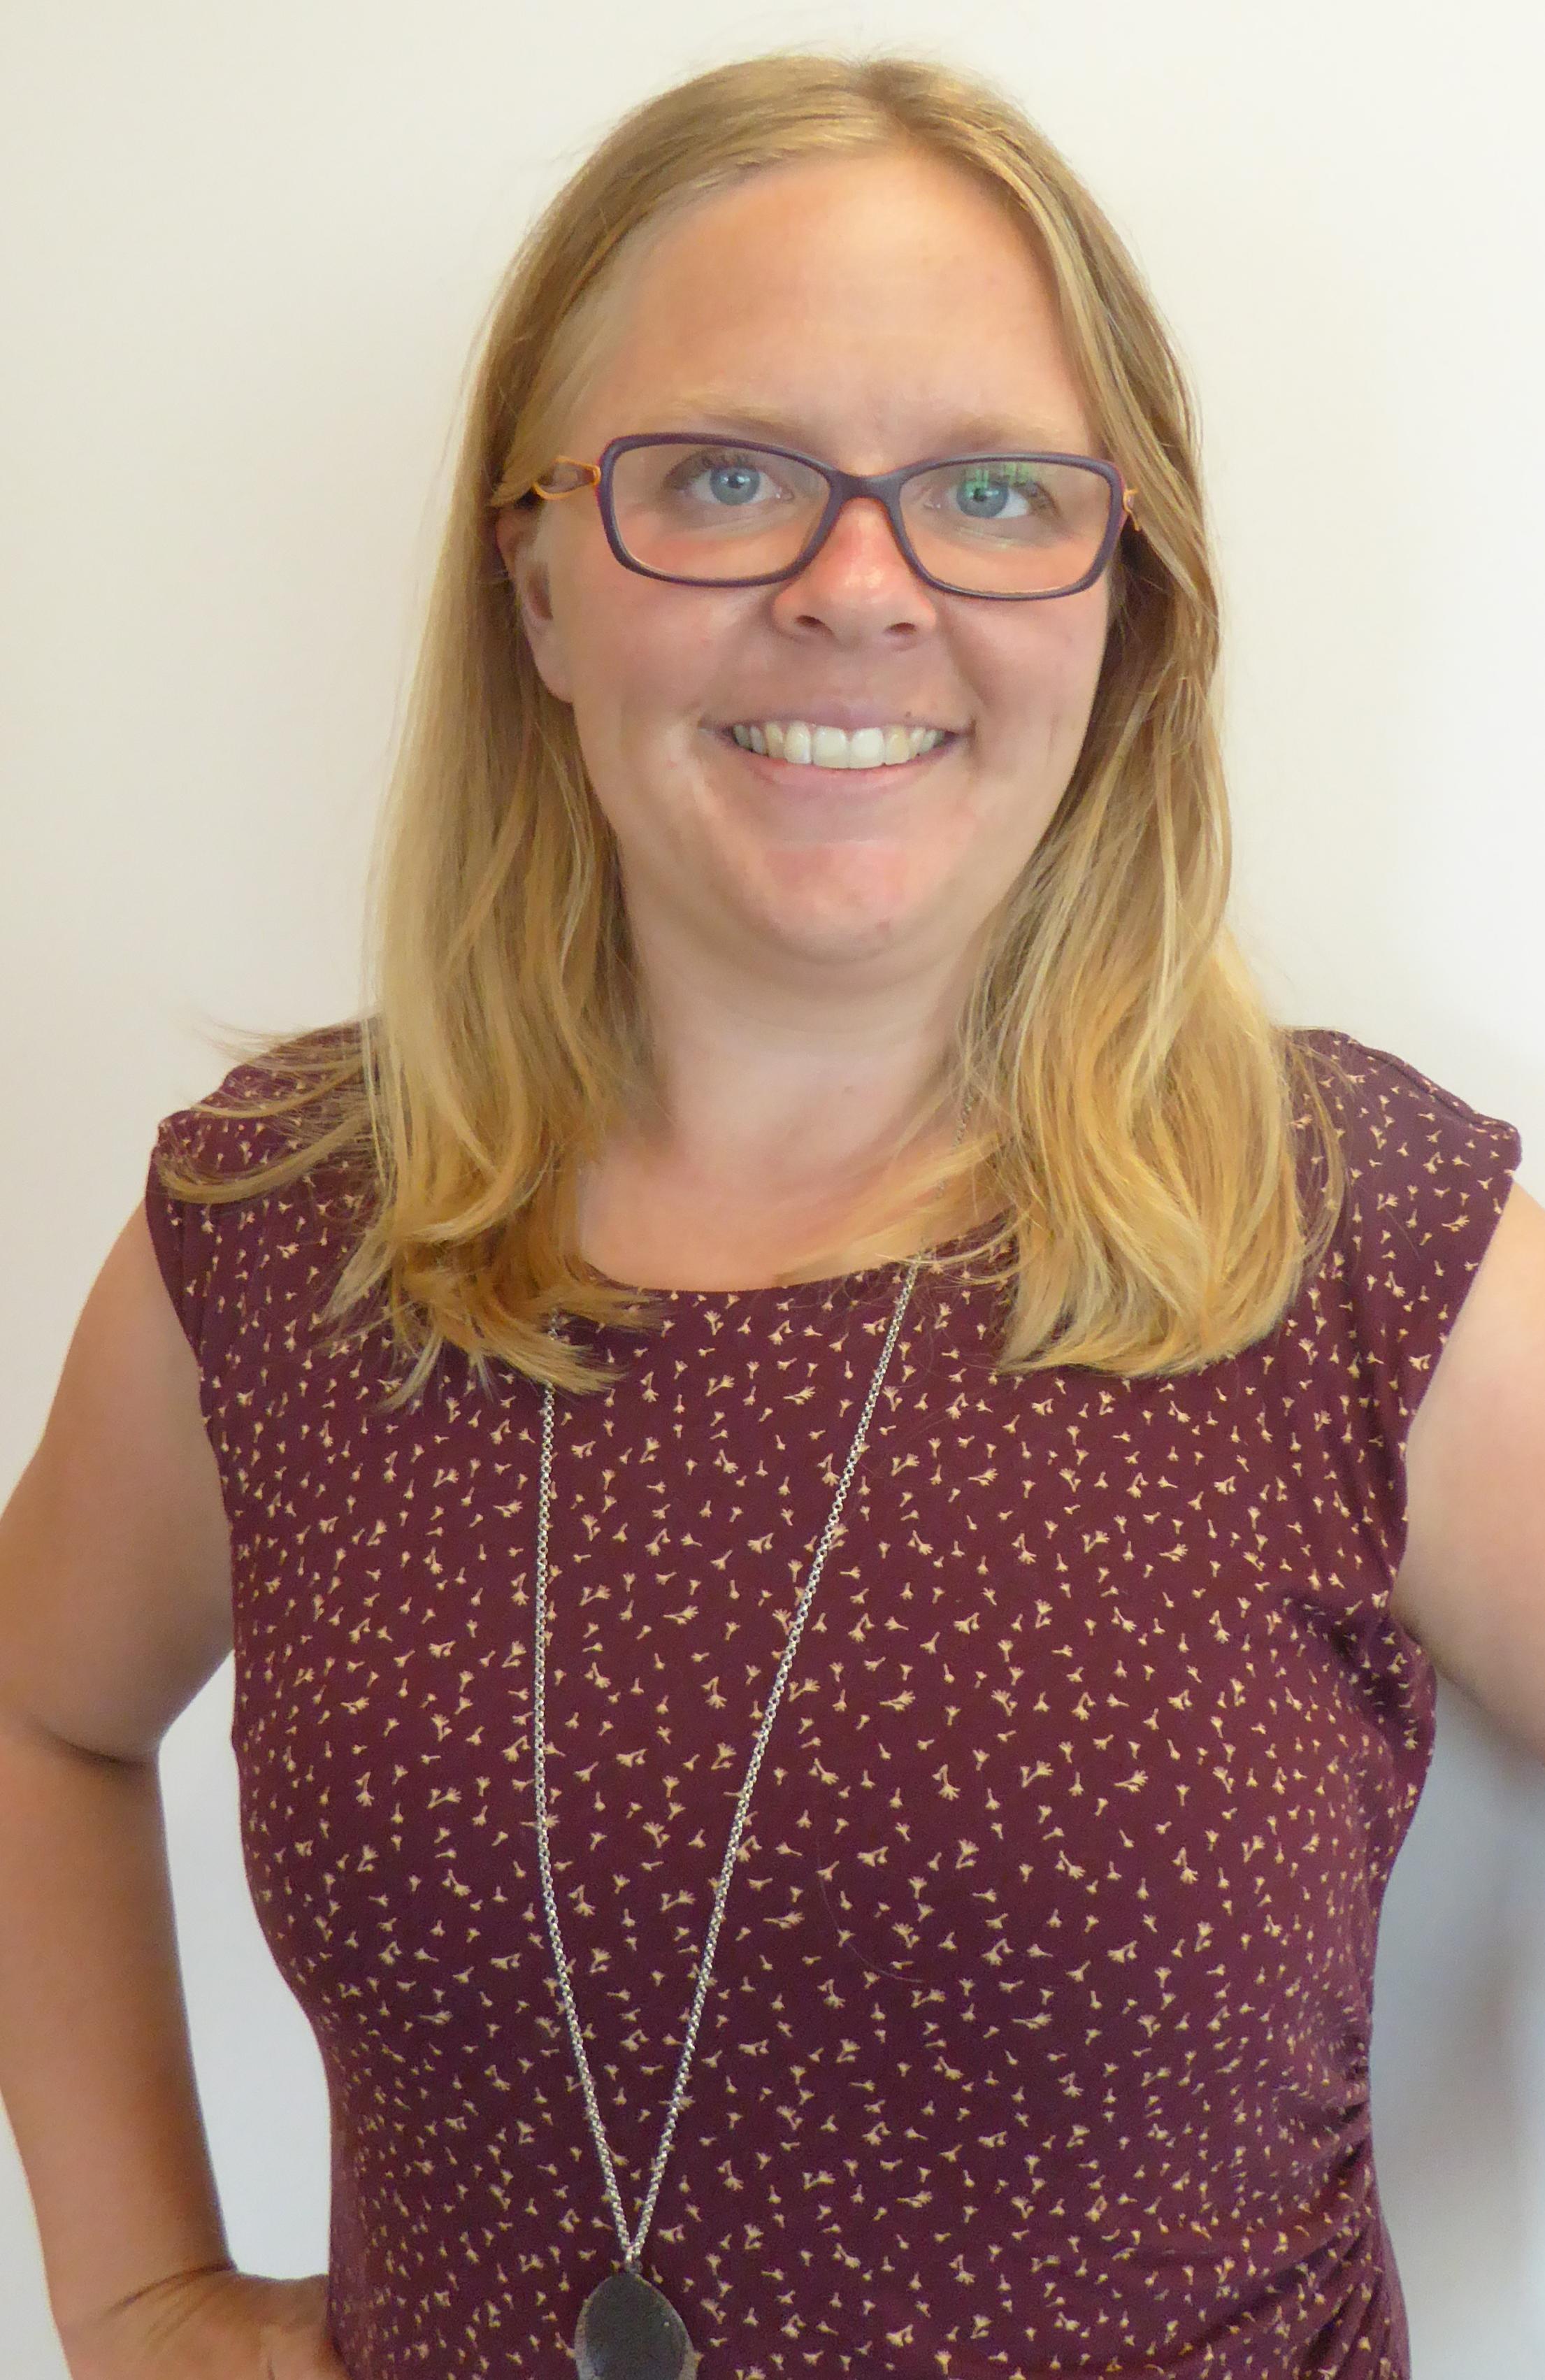 Kirsten Van Houten